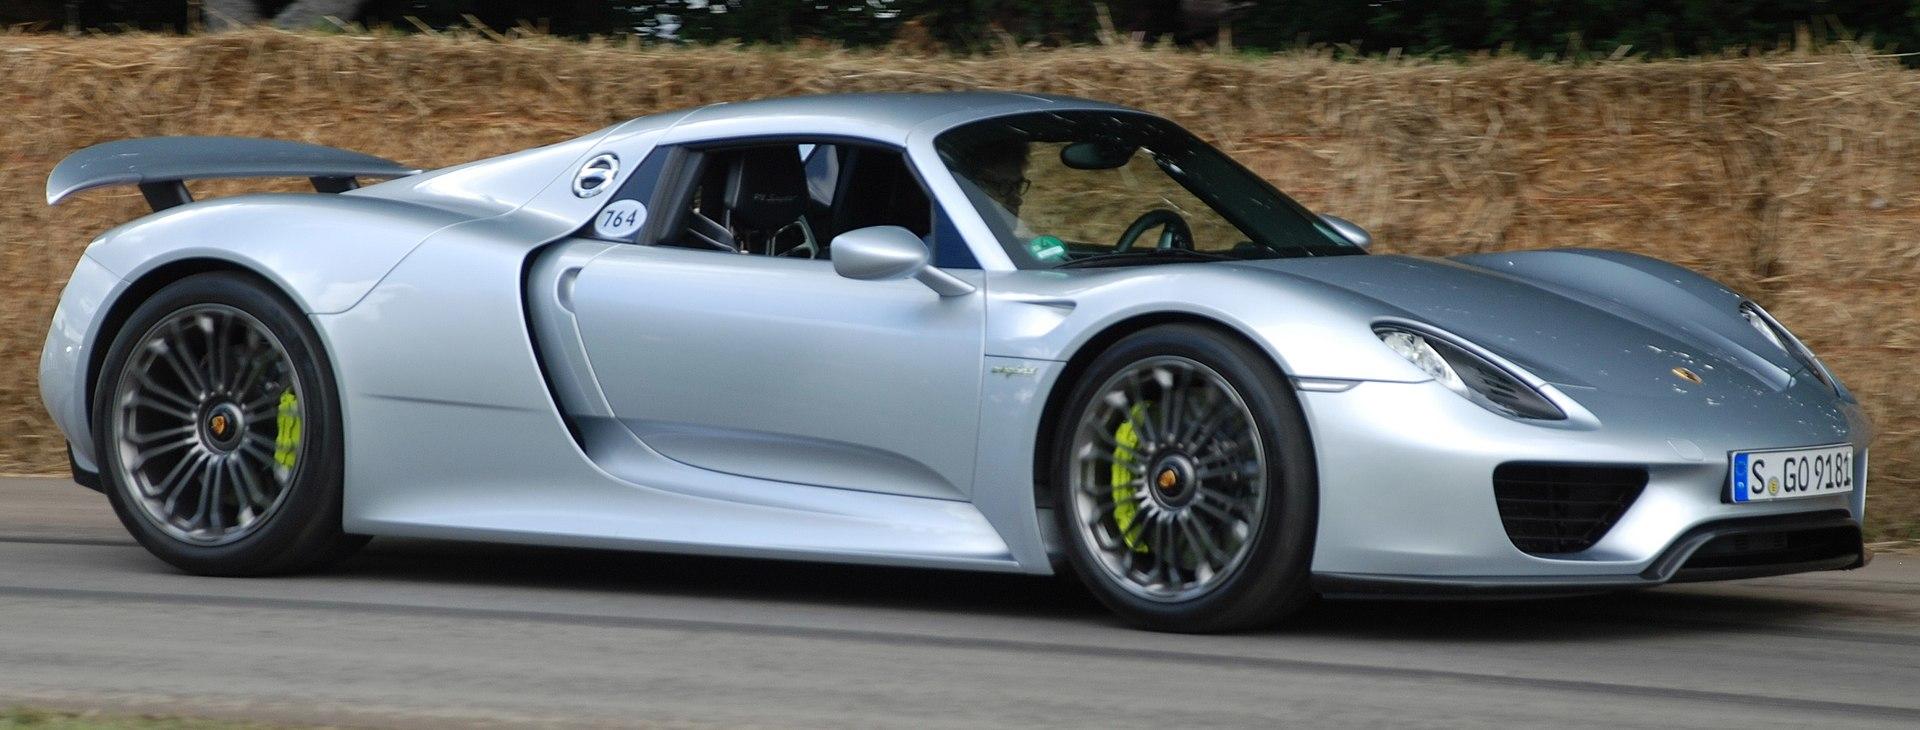 1920px-Porsche_918_in_motion.jpg